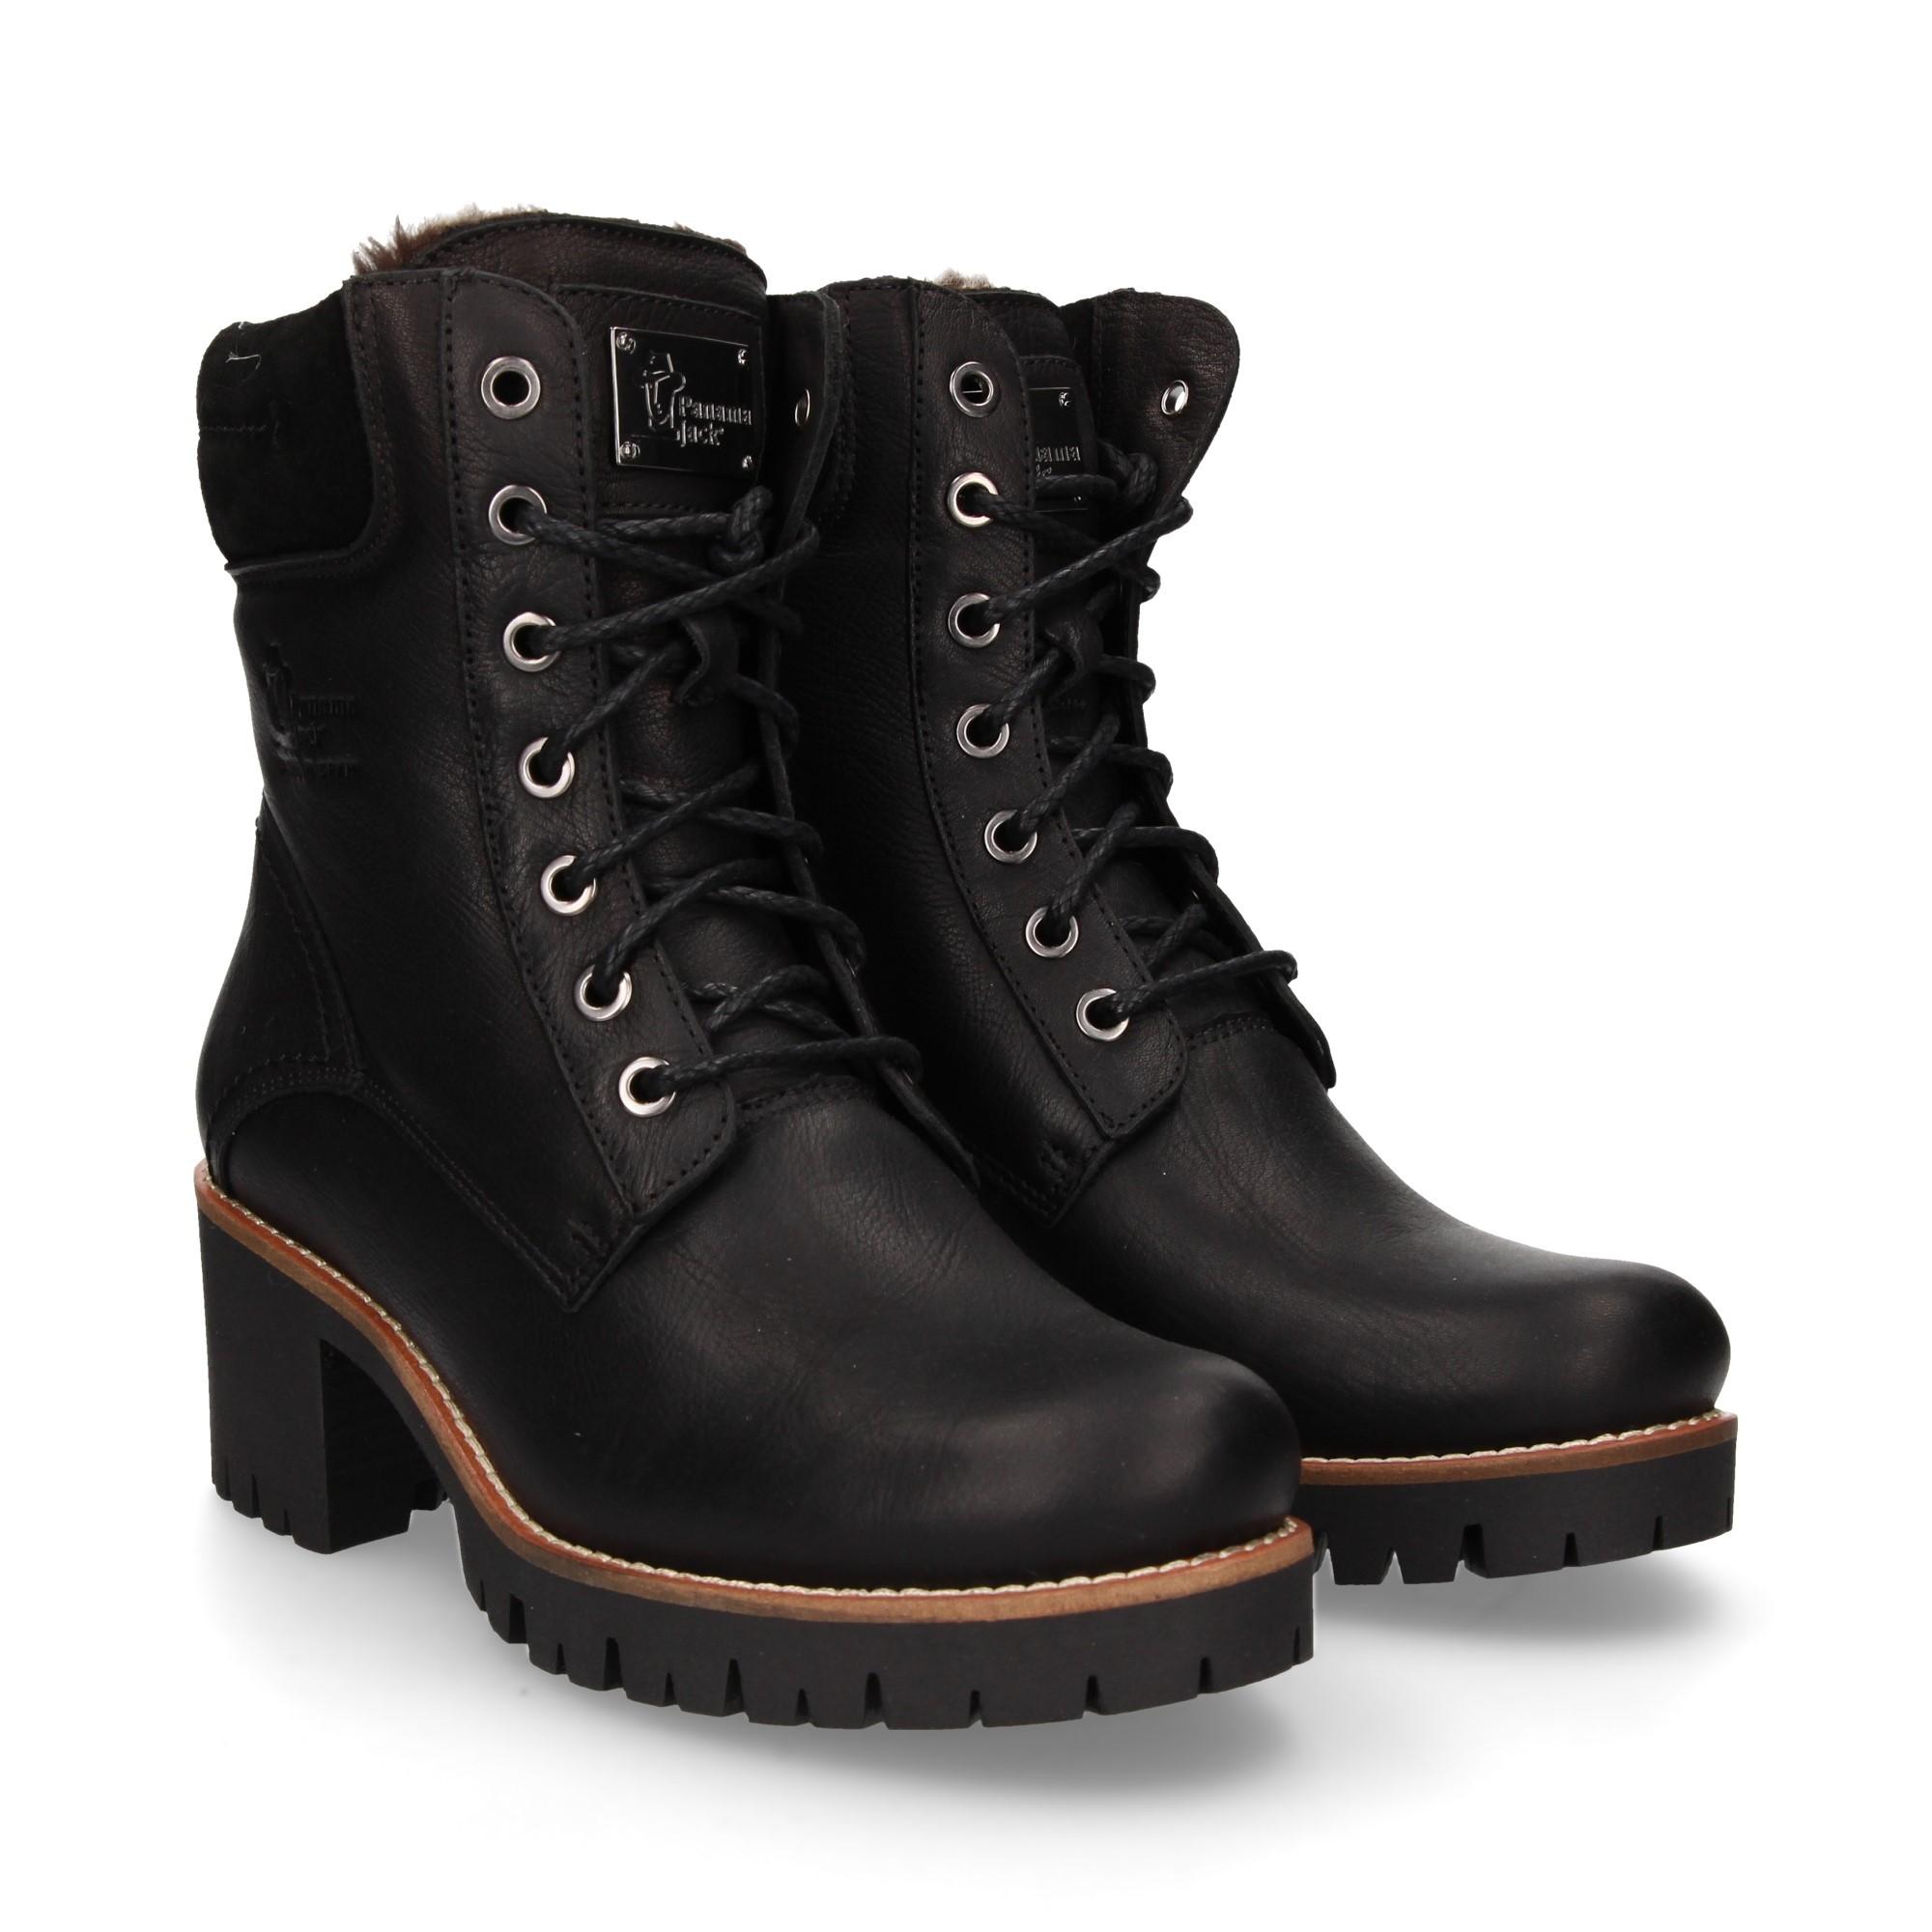 4ef0468cce4459 PANAMA JACK Women s Heeled ankle boots PHOEBE B17 NAPA NEGRO